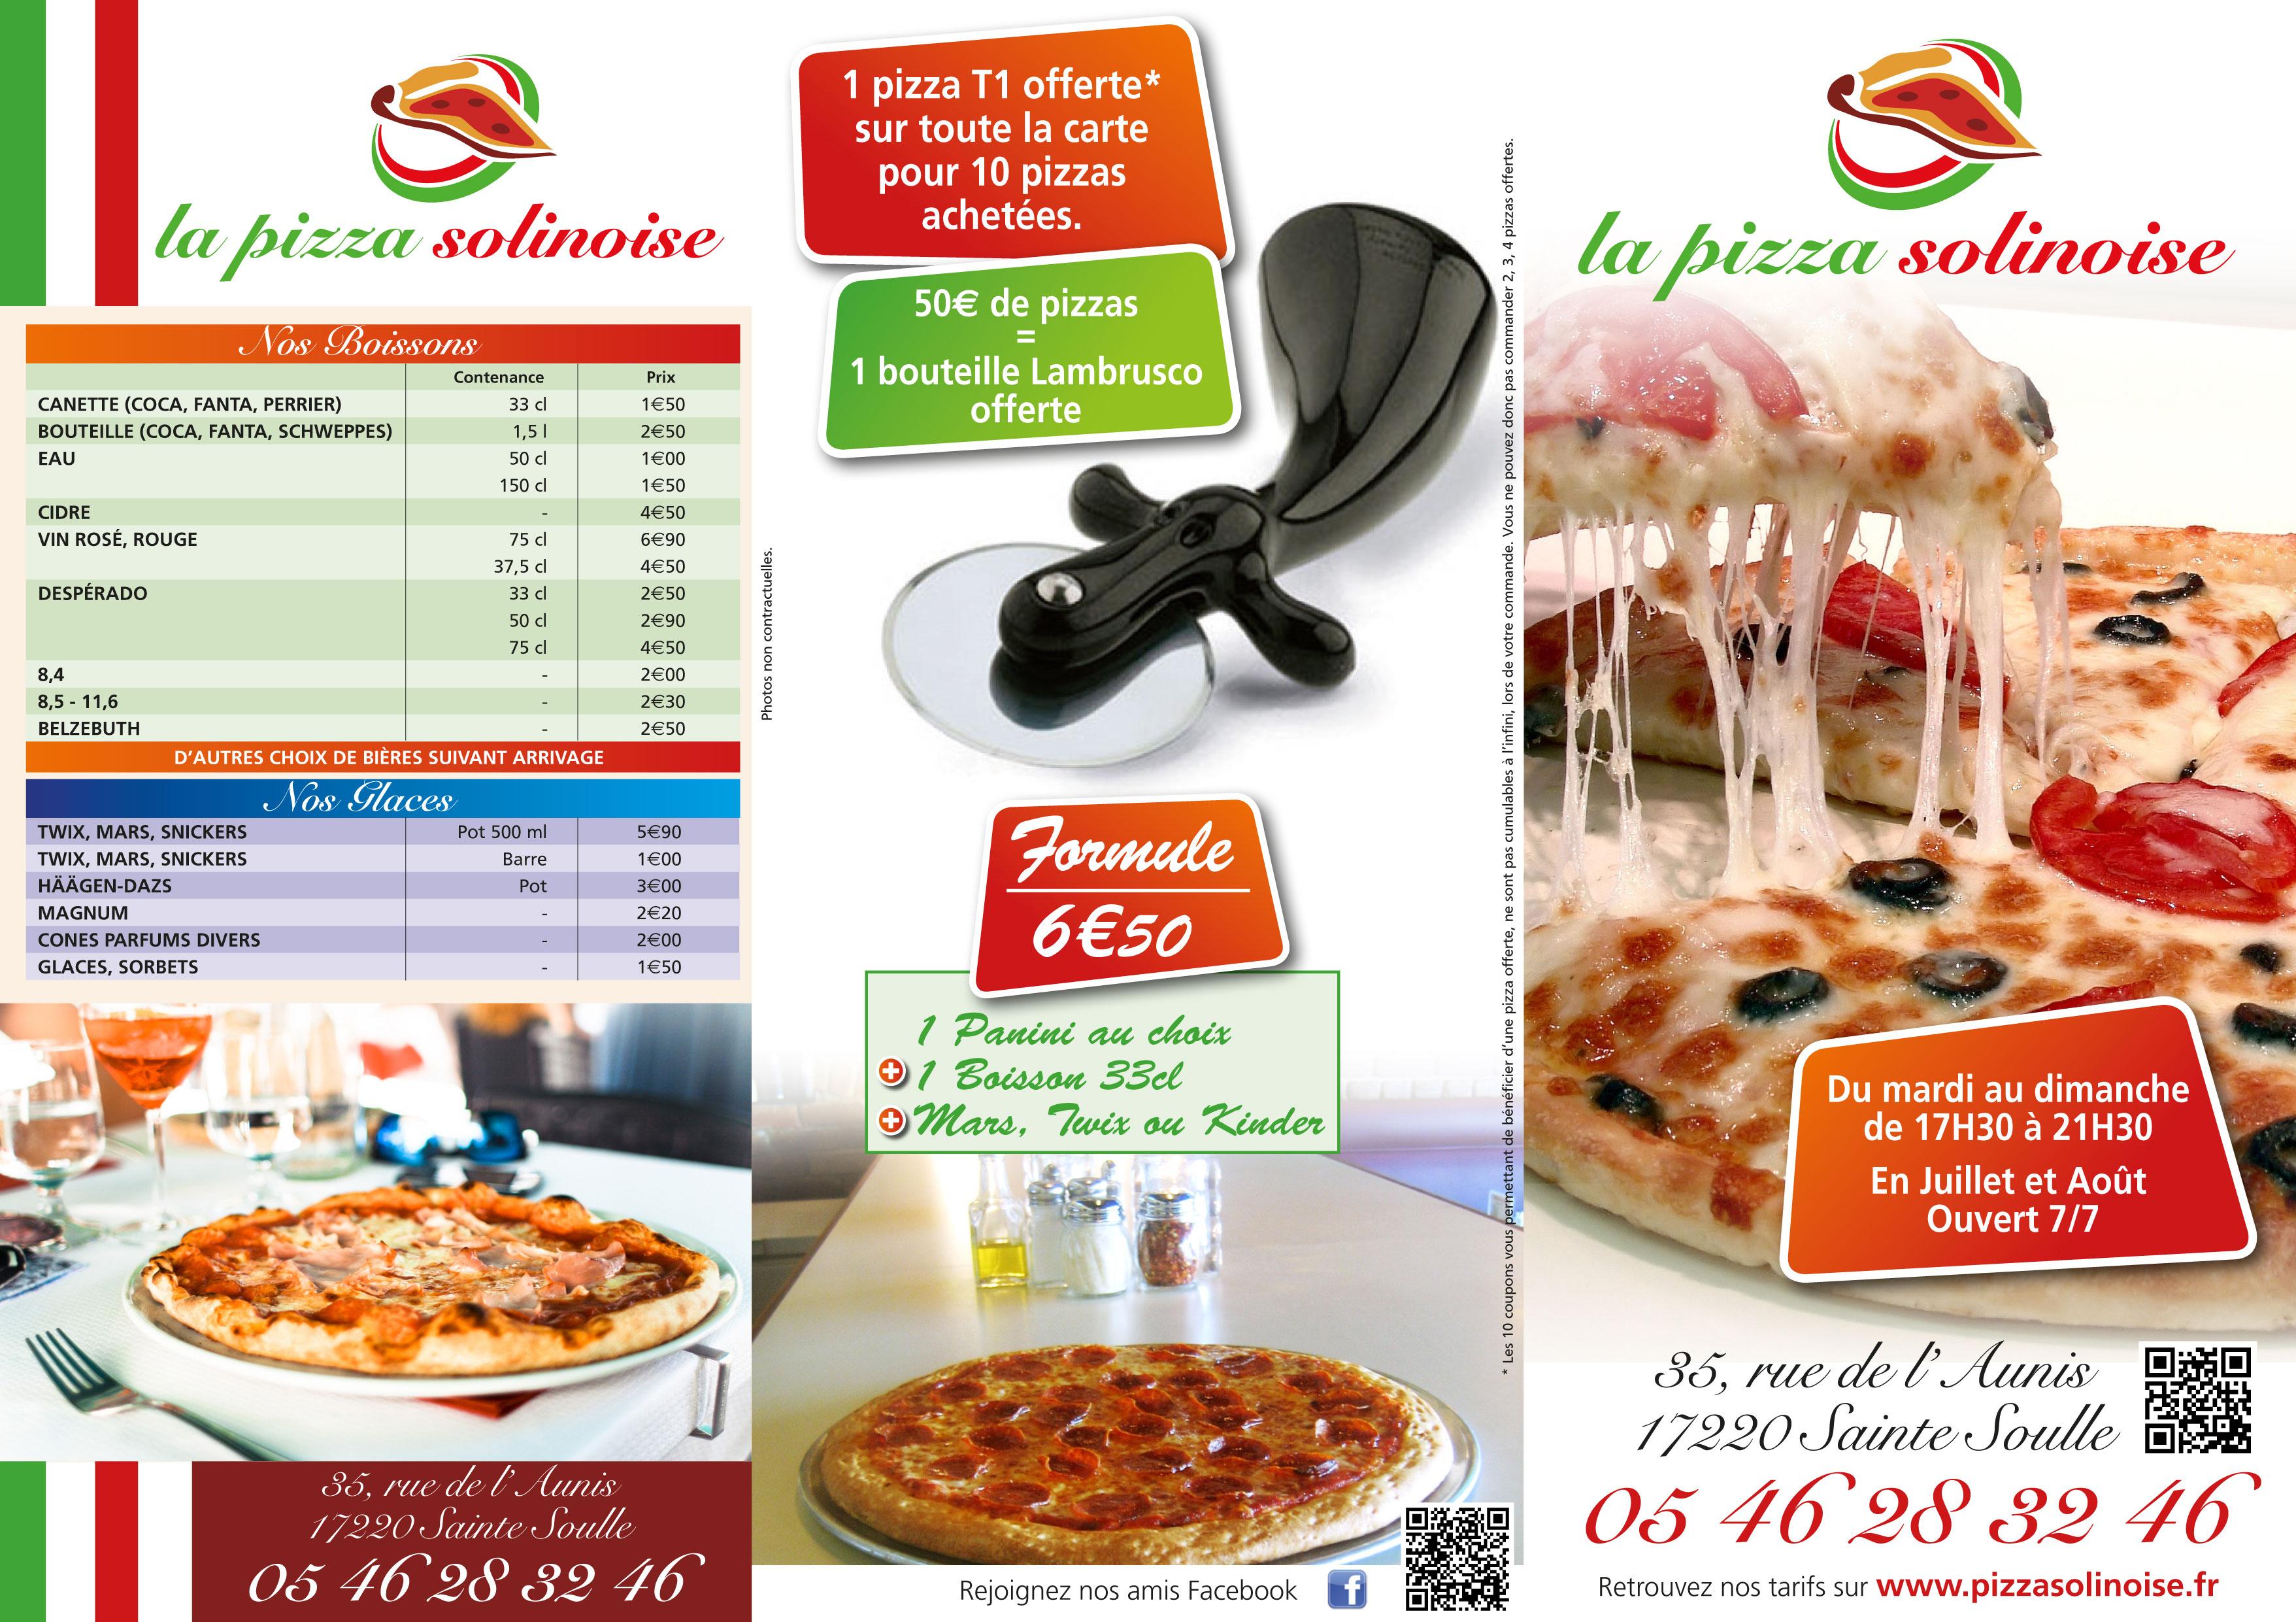 En Esprant Vous Voir Bientt Dans Nos Locaux Nous Souhaitons Une Bonne Visite Sur Le Site Et Qui Sait Envie De Pizza